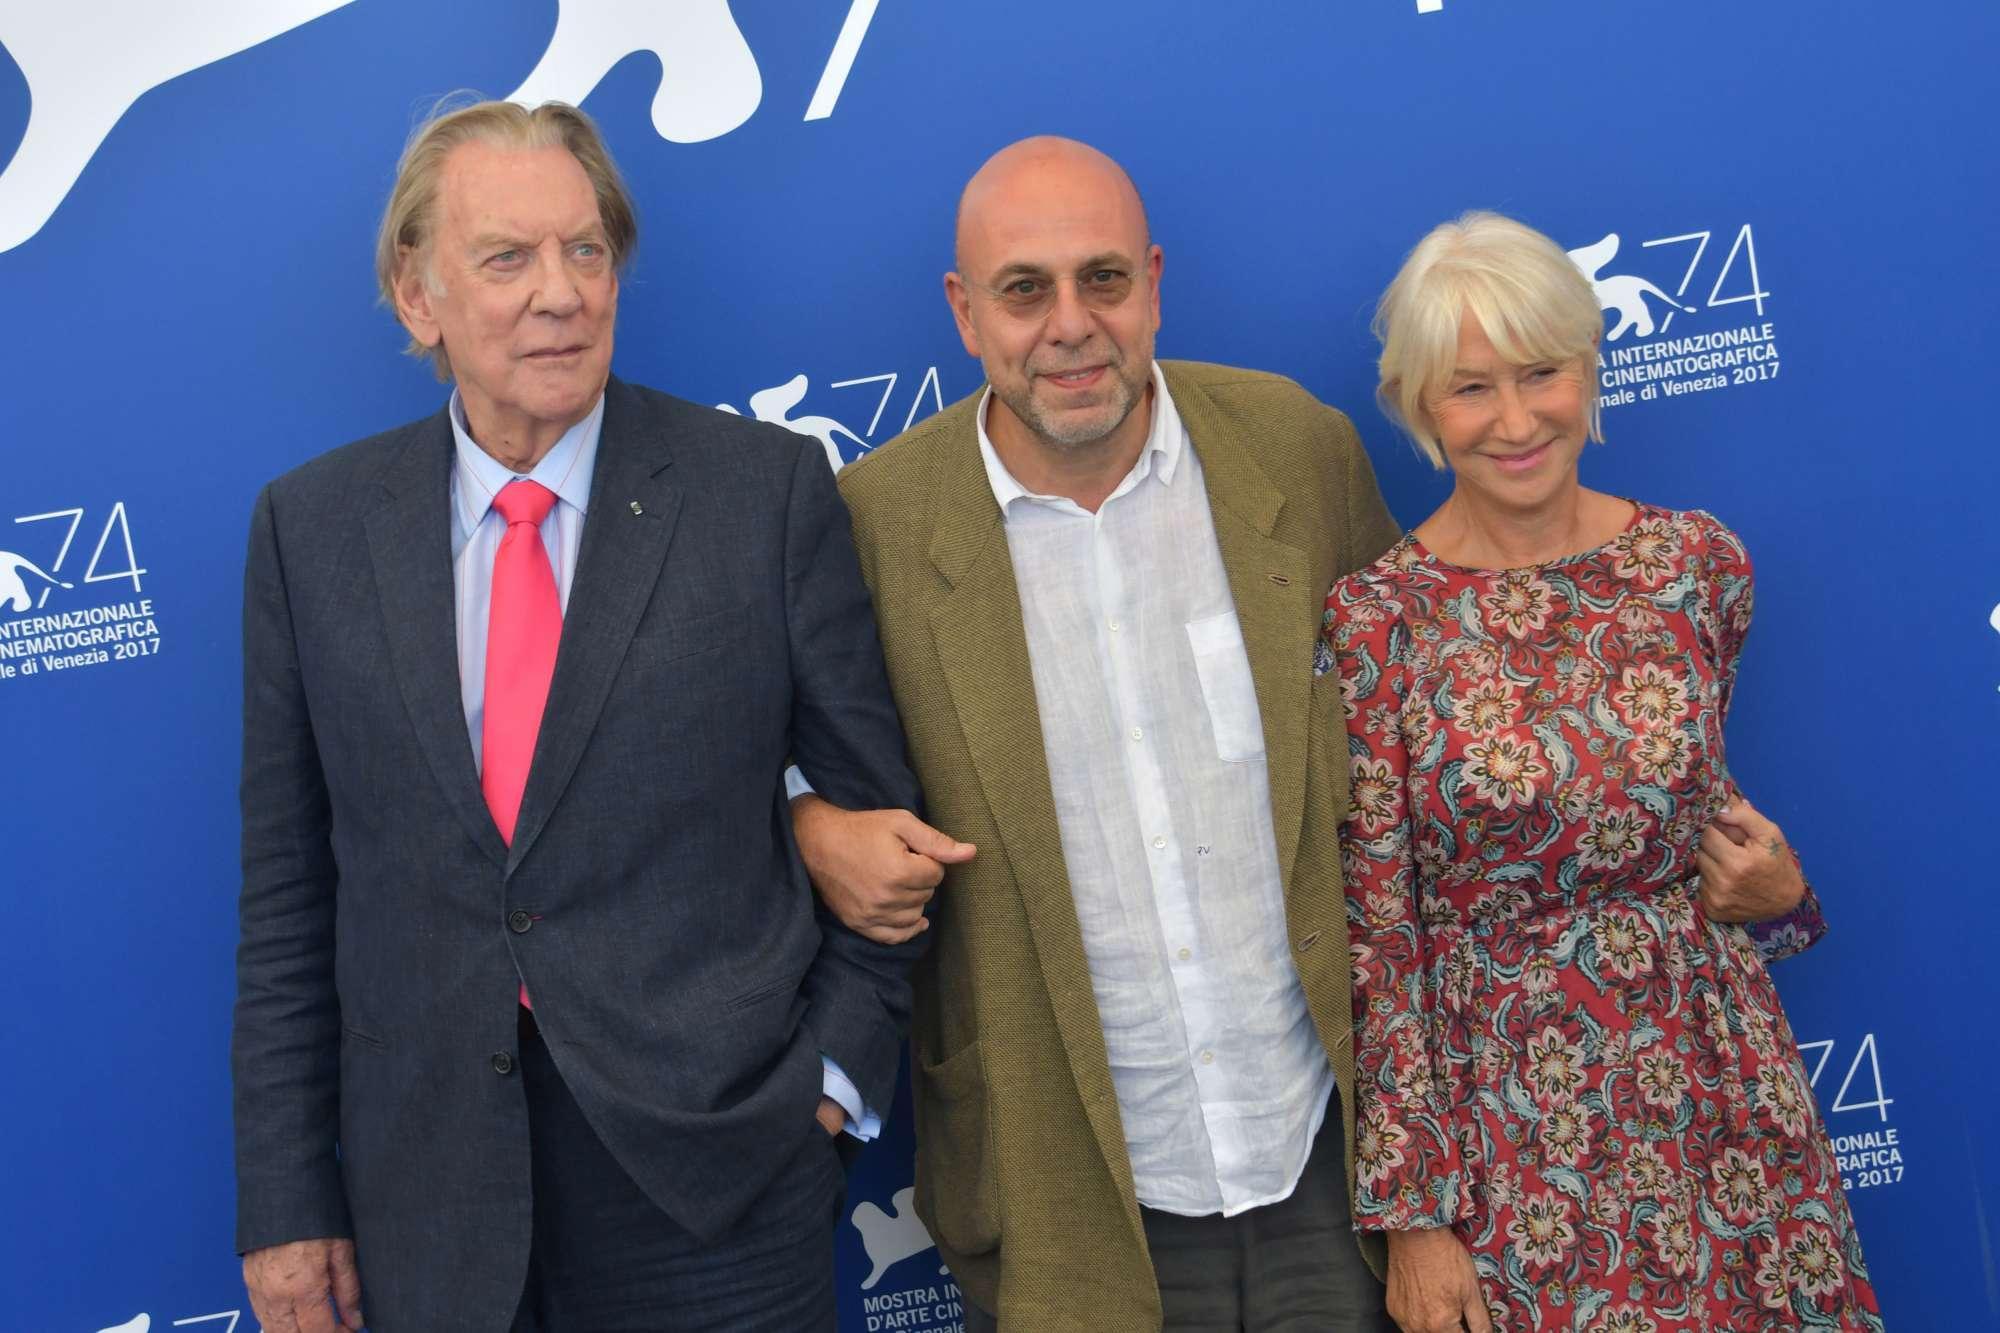 Venezia 74, Helen Mirren e Donald Sutherland coppia in fuga nel film di Paolo Virzì